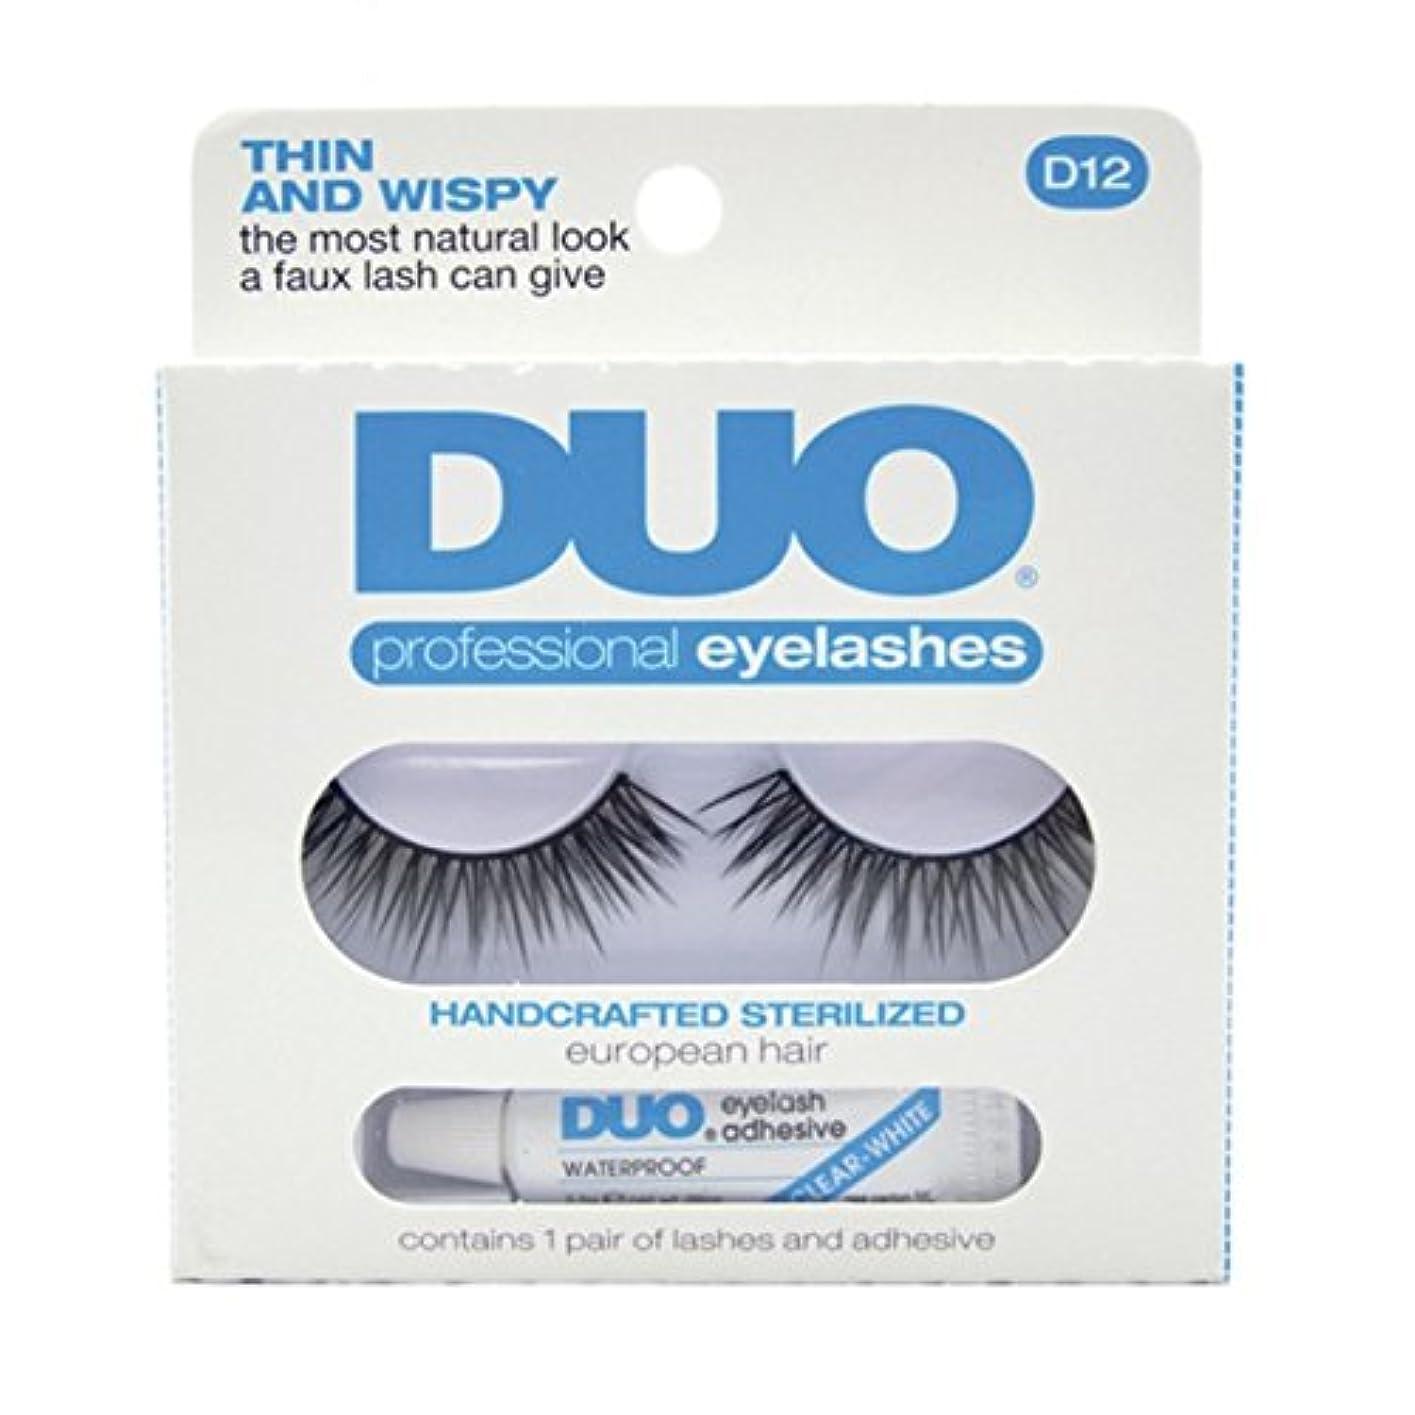 口述するお香グッゲンハイム美術館DUO Eyelash Adhesive Think and Wispy D12 Eyelashes Thin and Wispy (並行輸入品)